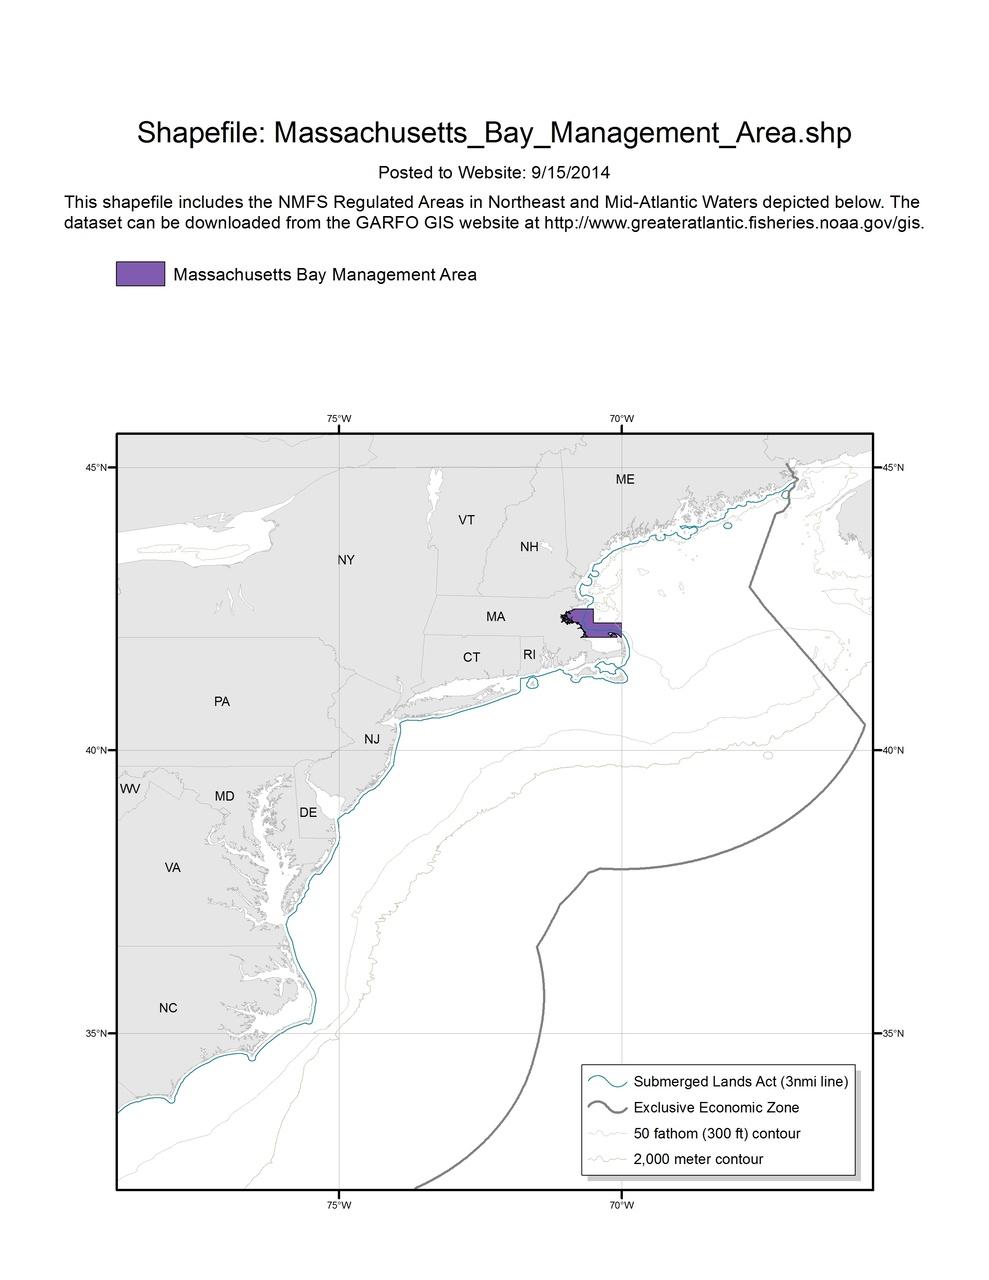 Massachusetts_Bay_Management_Area_MAP.jpg